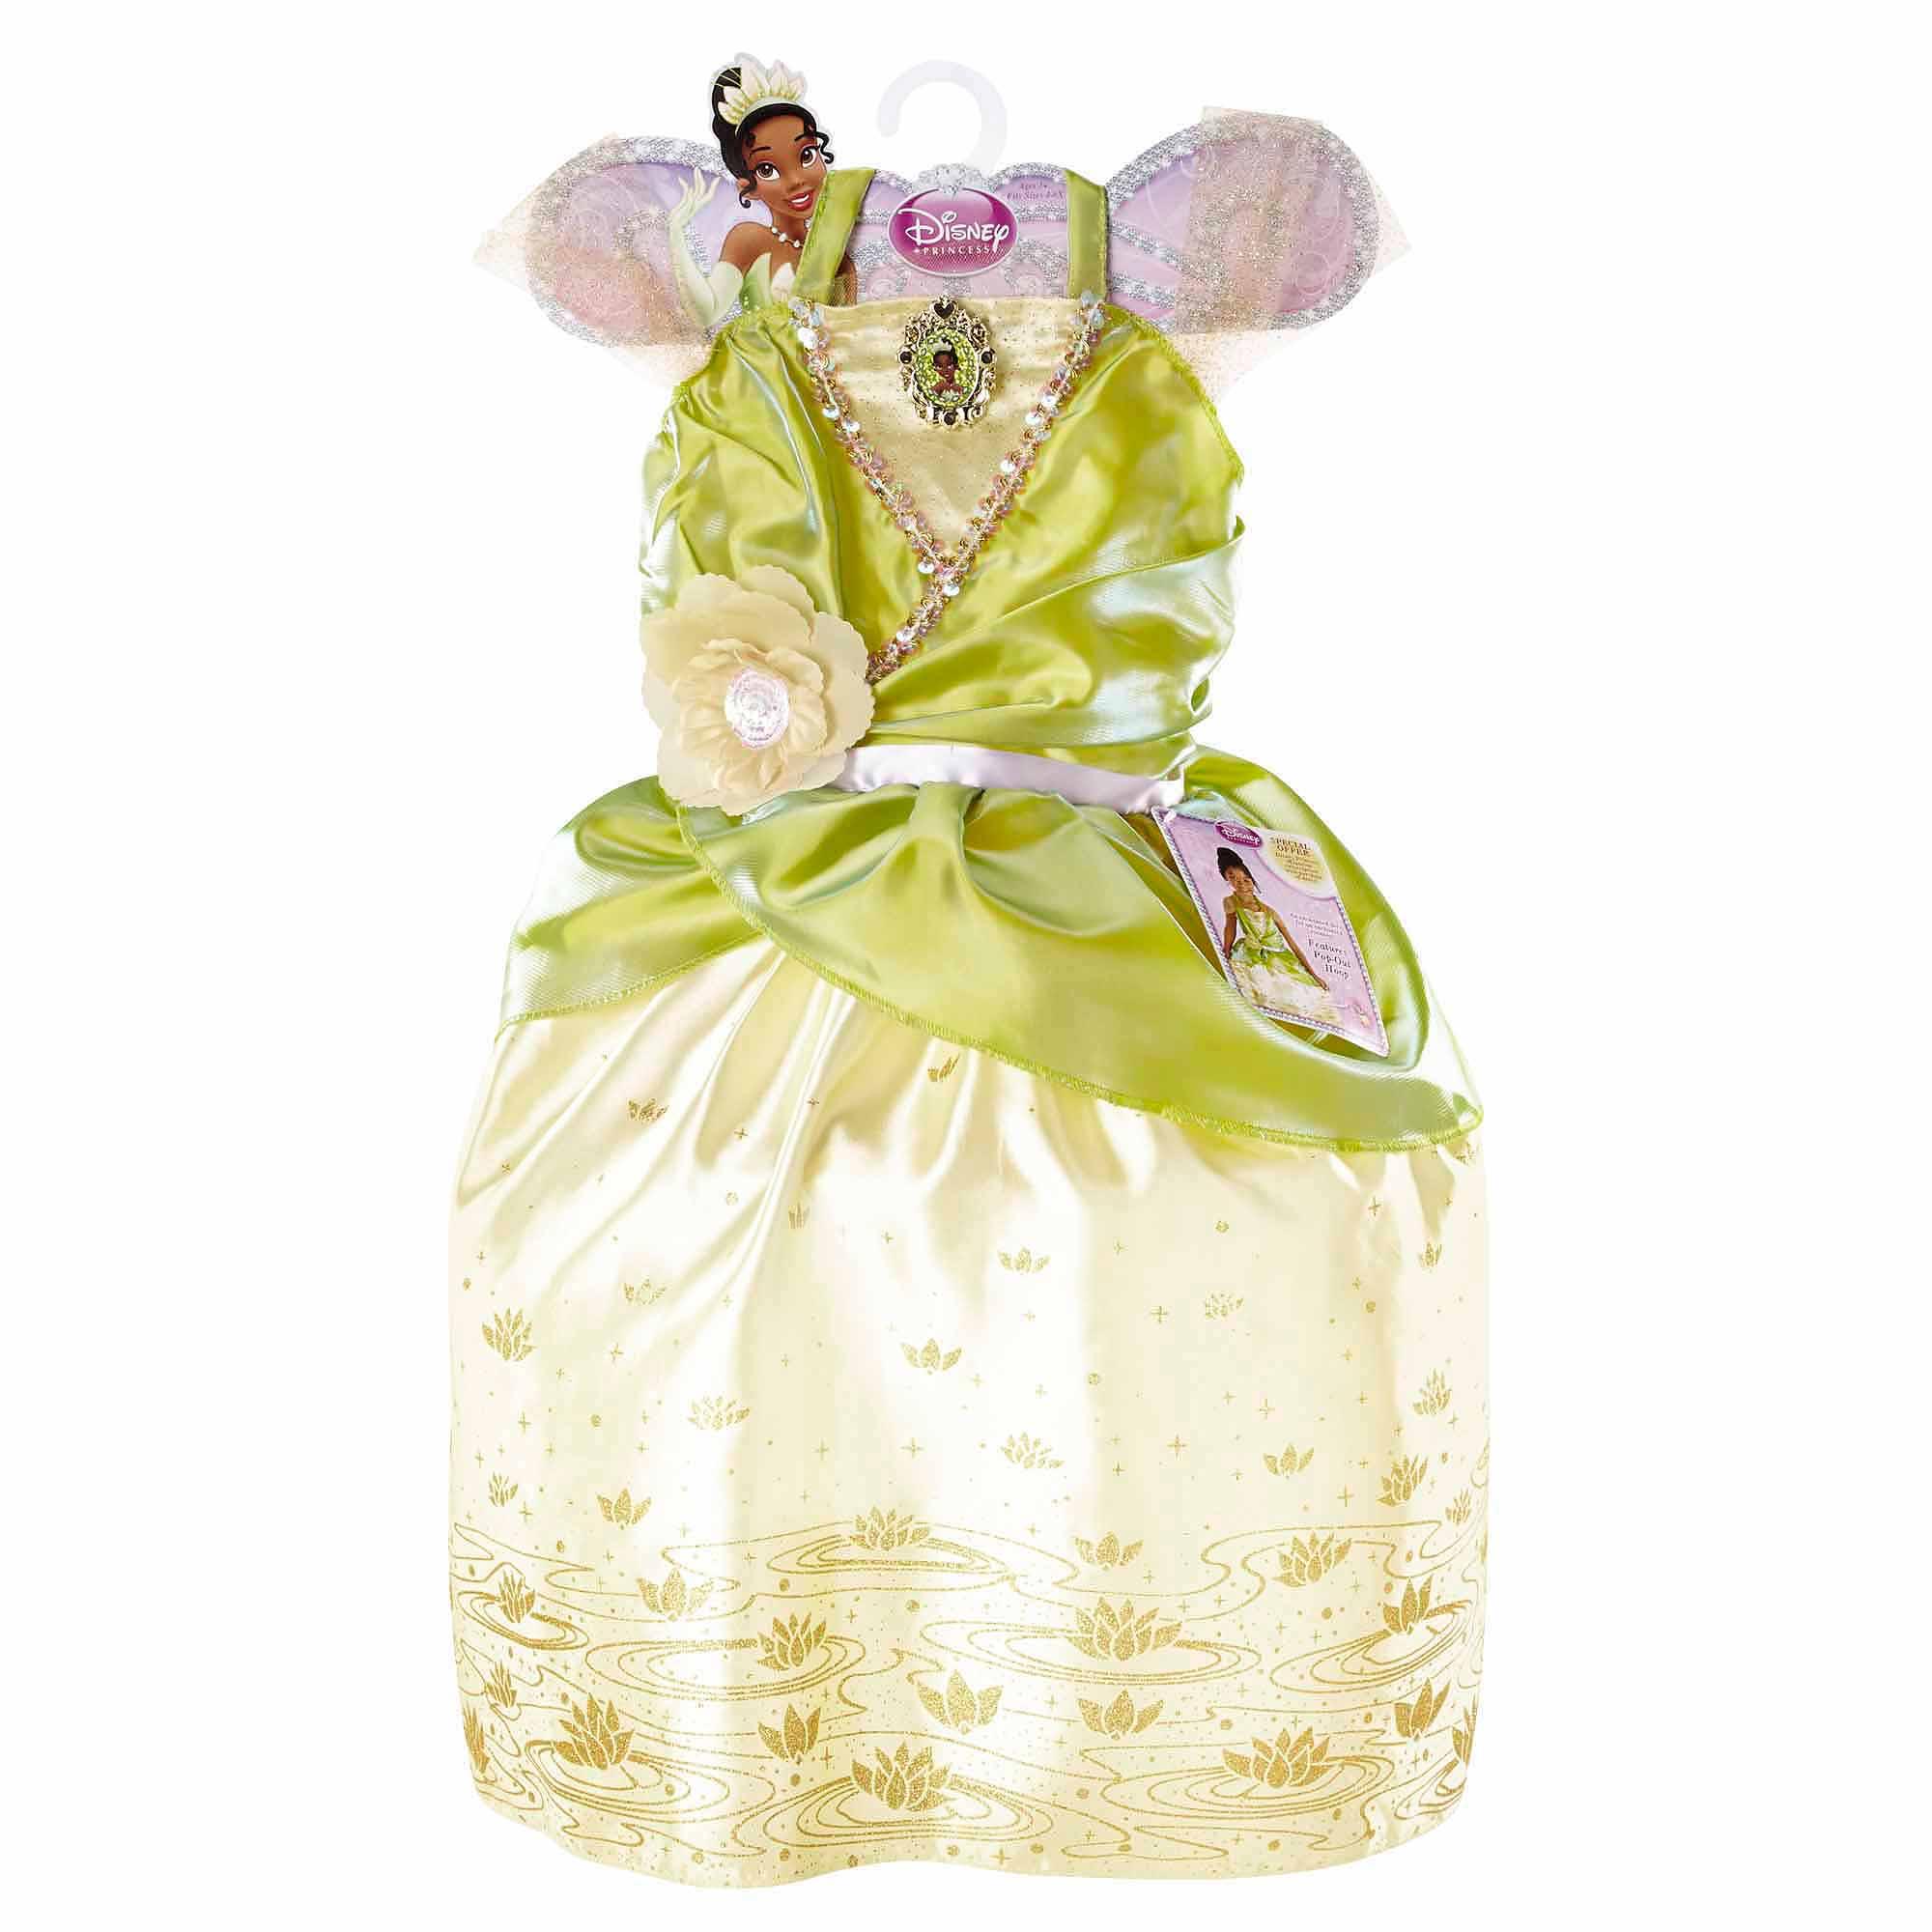 Disney Princess Enchanted Evening Dress, Tiana